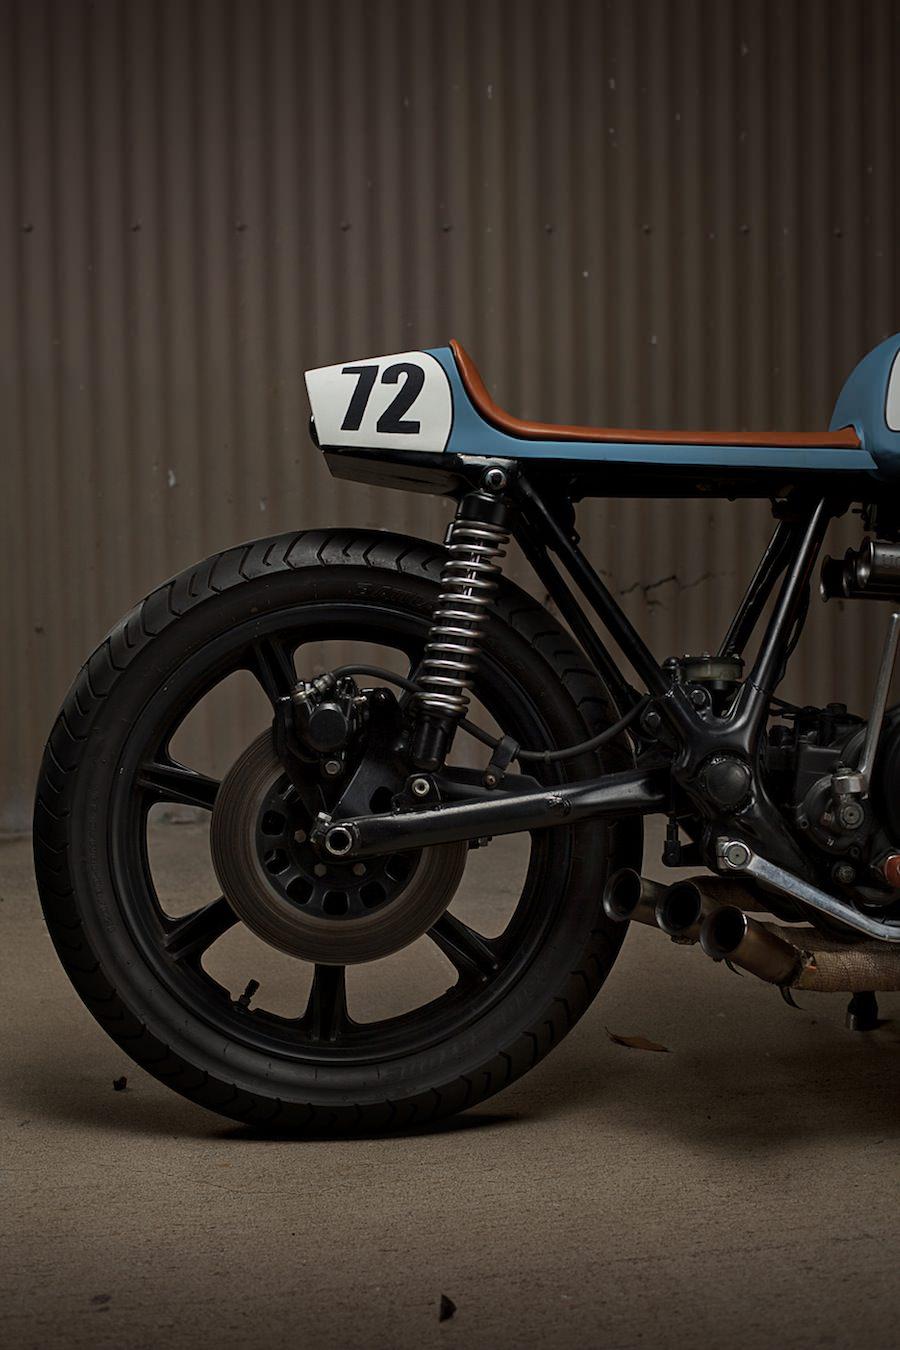 Yamaha XS750 Cafe Racer 9